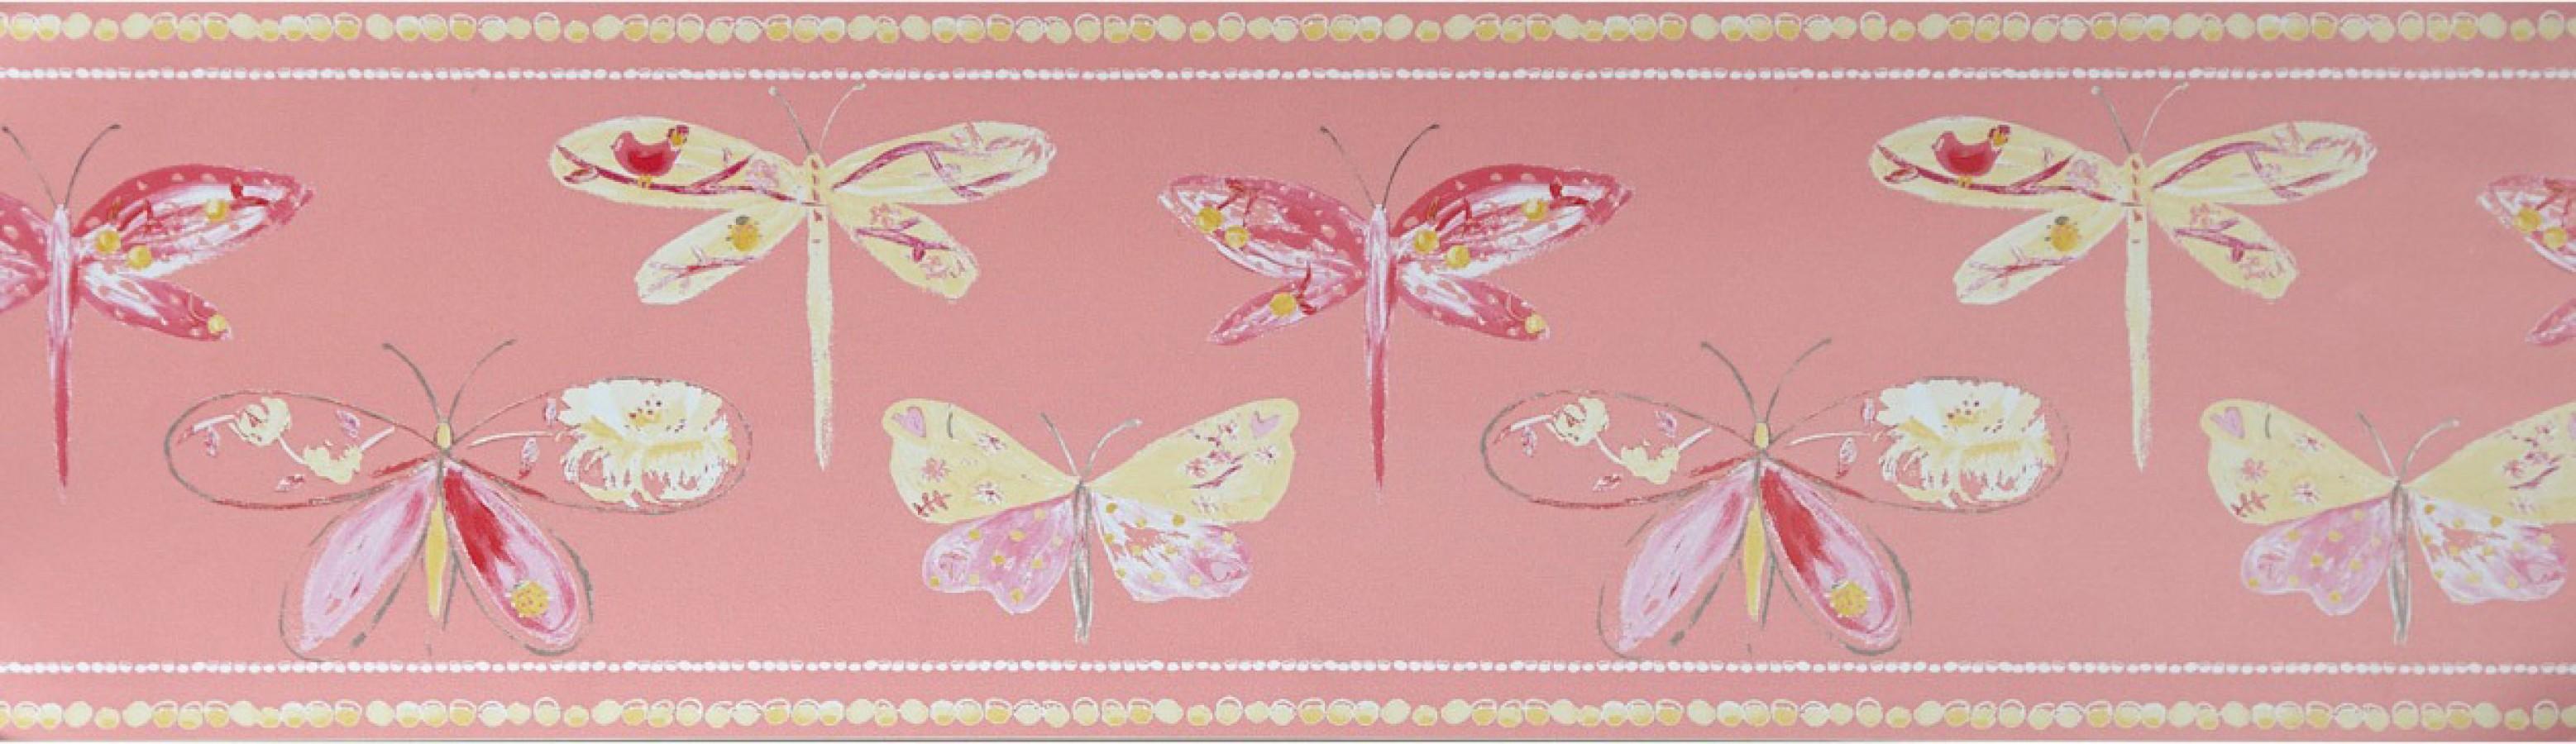 Cenefa mariposas y libélulas Small Libelflies 342132